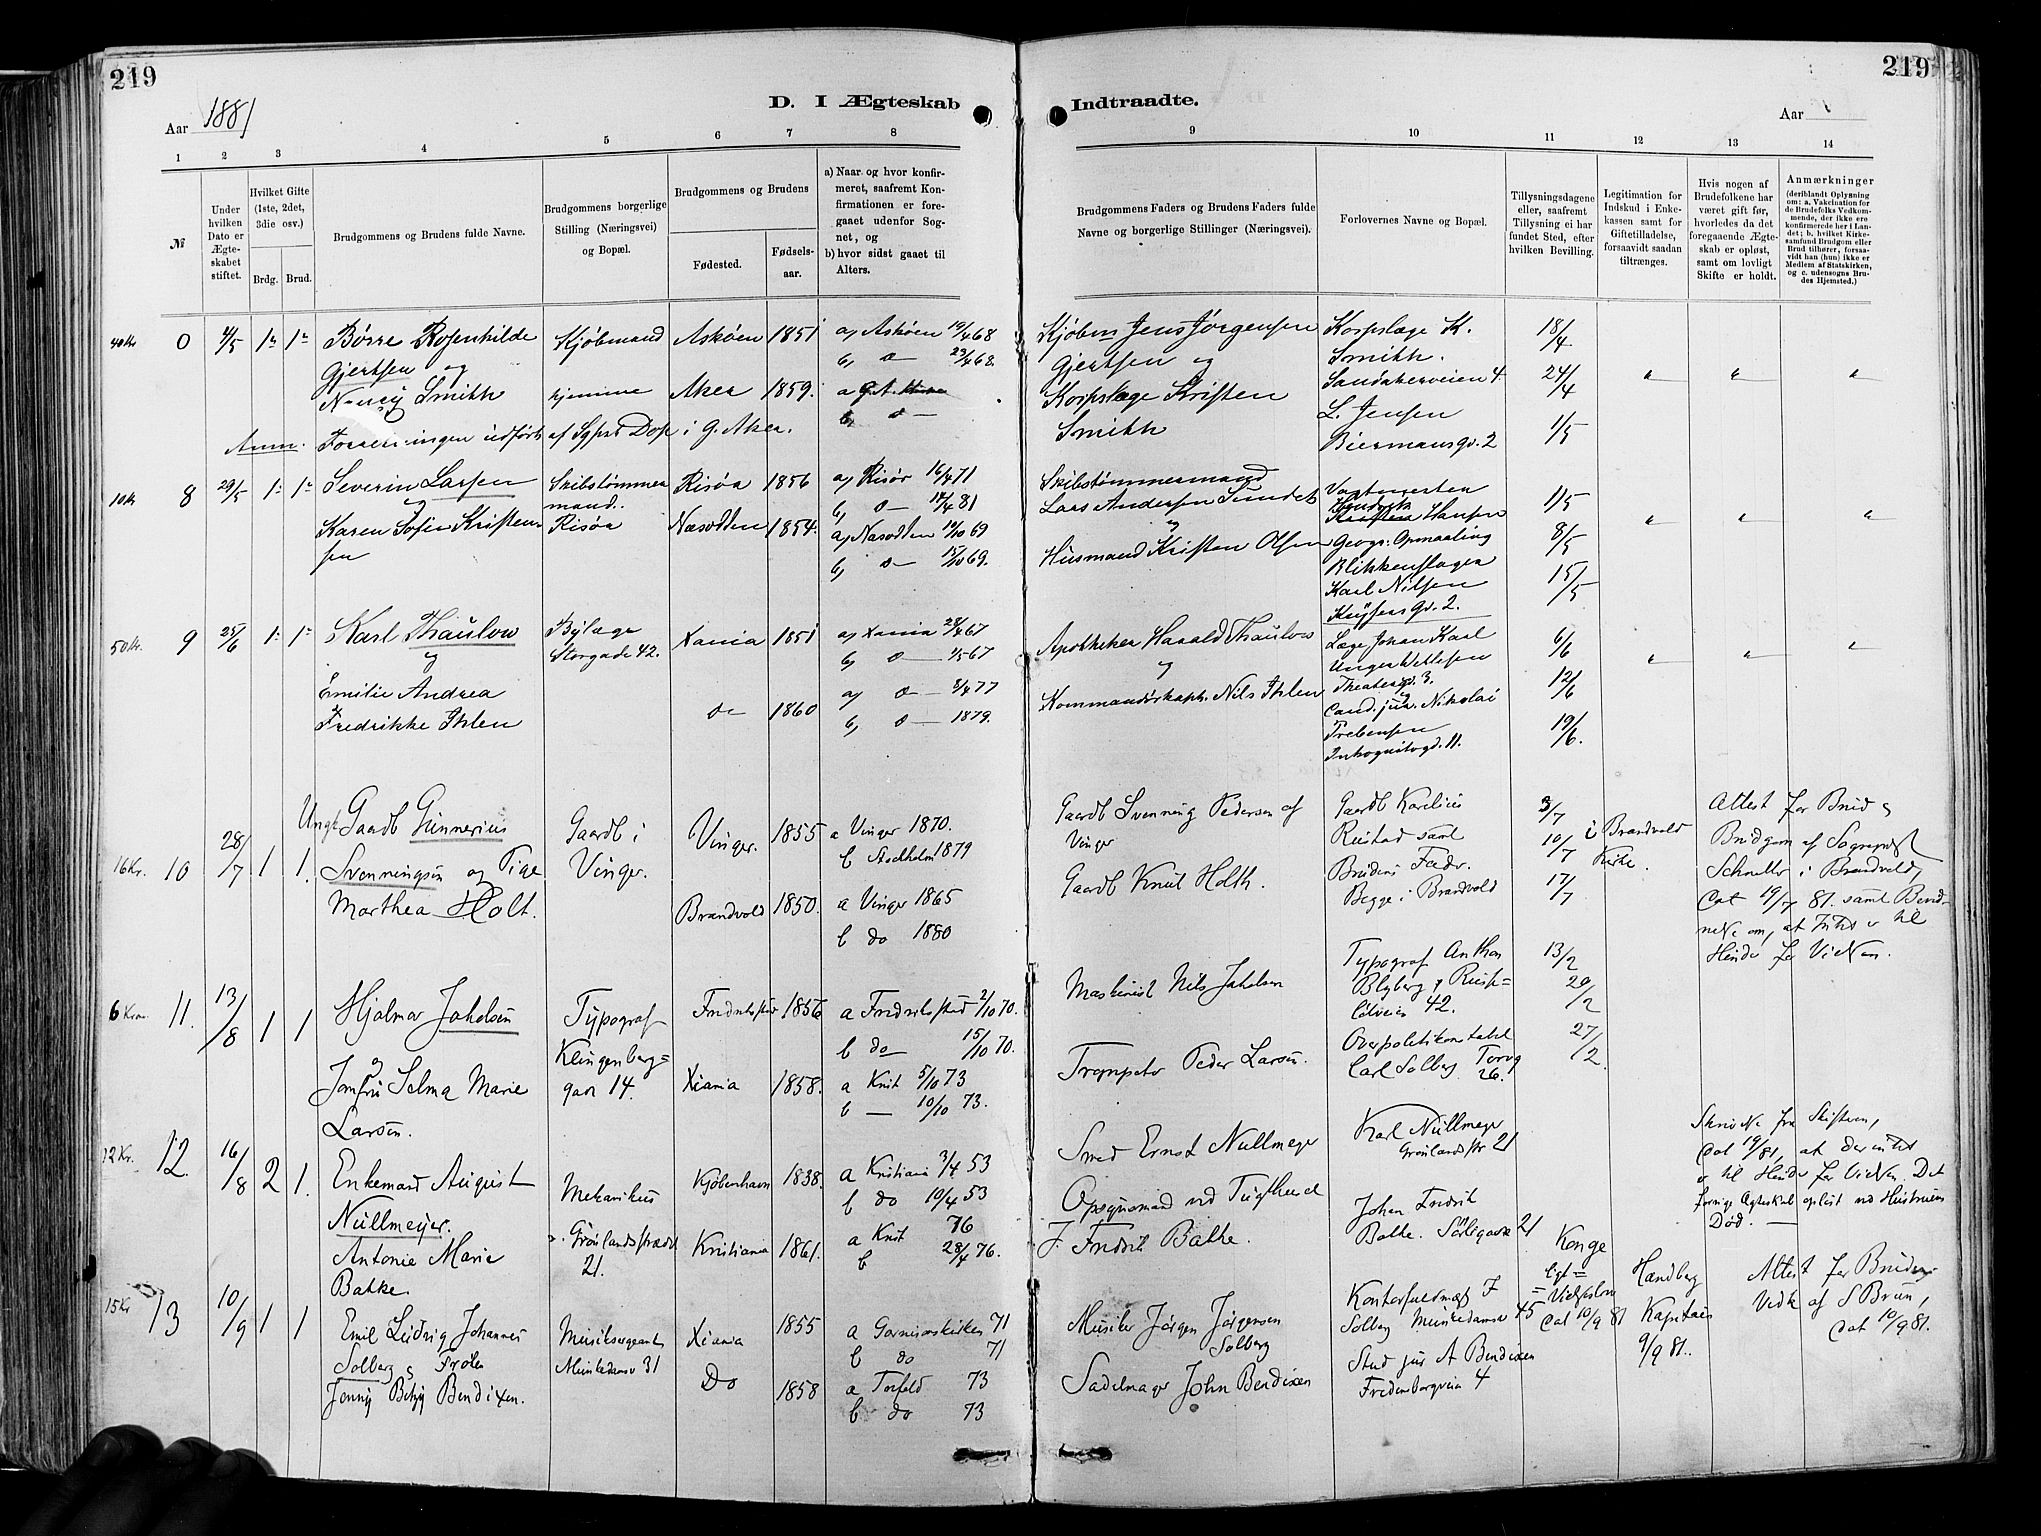 SAO, Garnisonsmenigheten Kirkebøker, F/Fa/L0012: Ministerialbok nr. 12, 1880-1893, s. 219